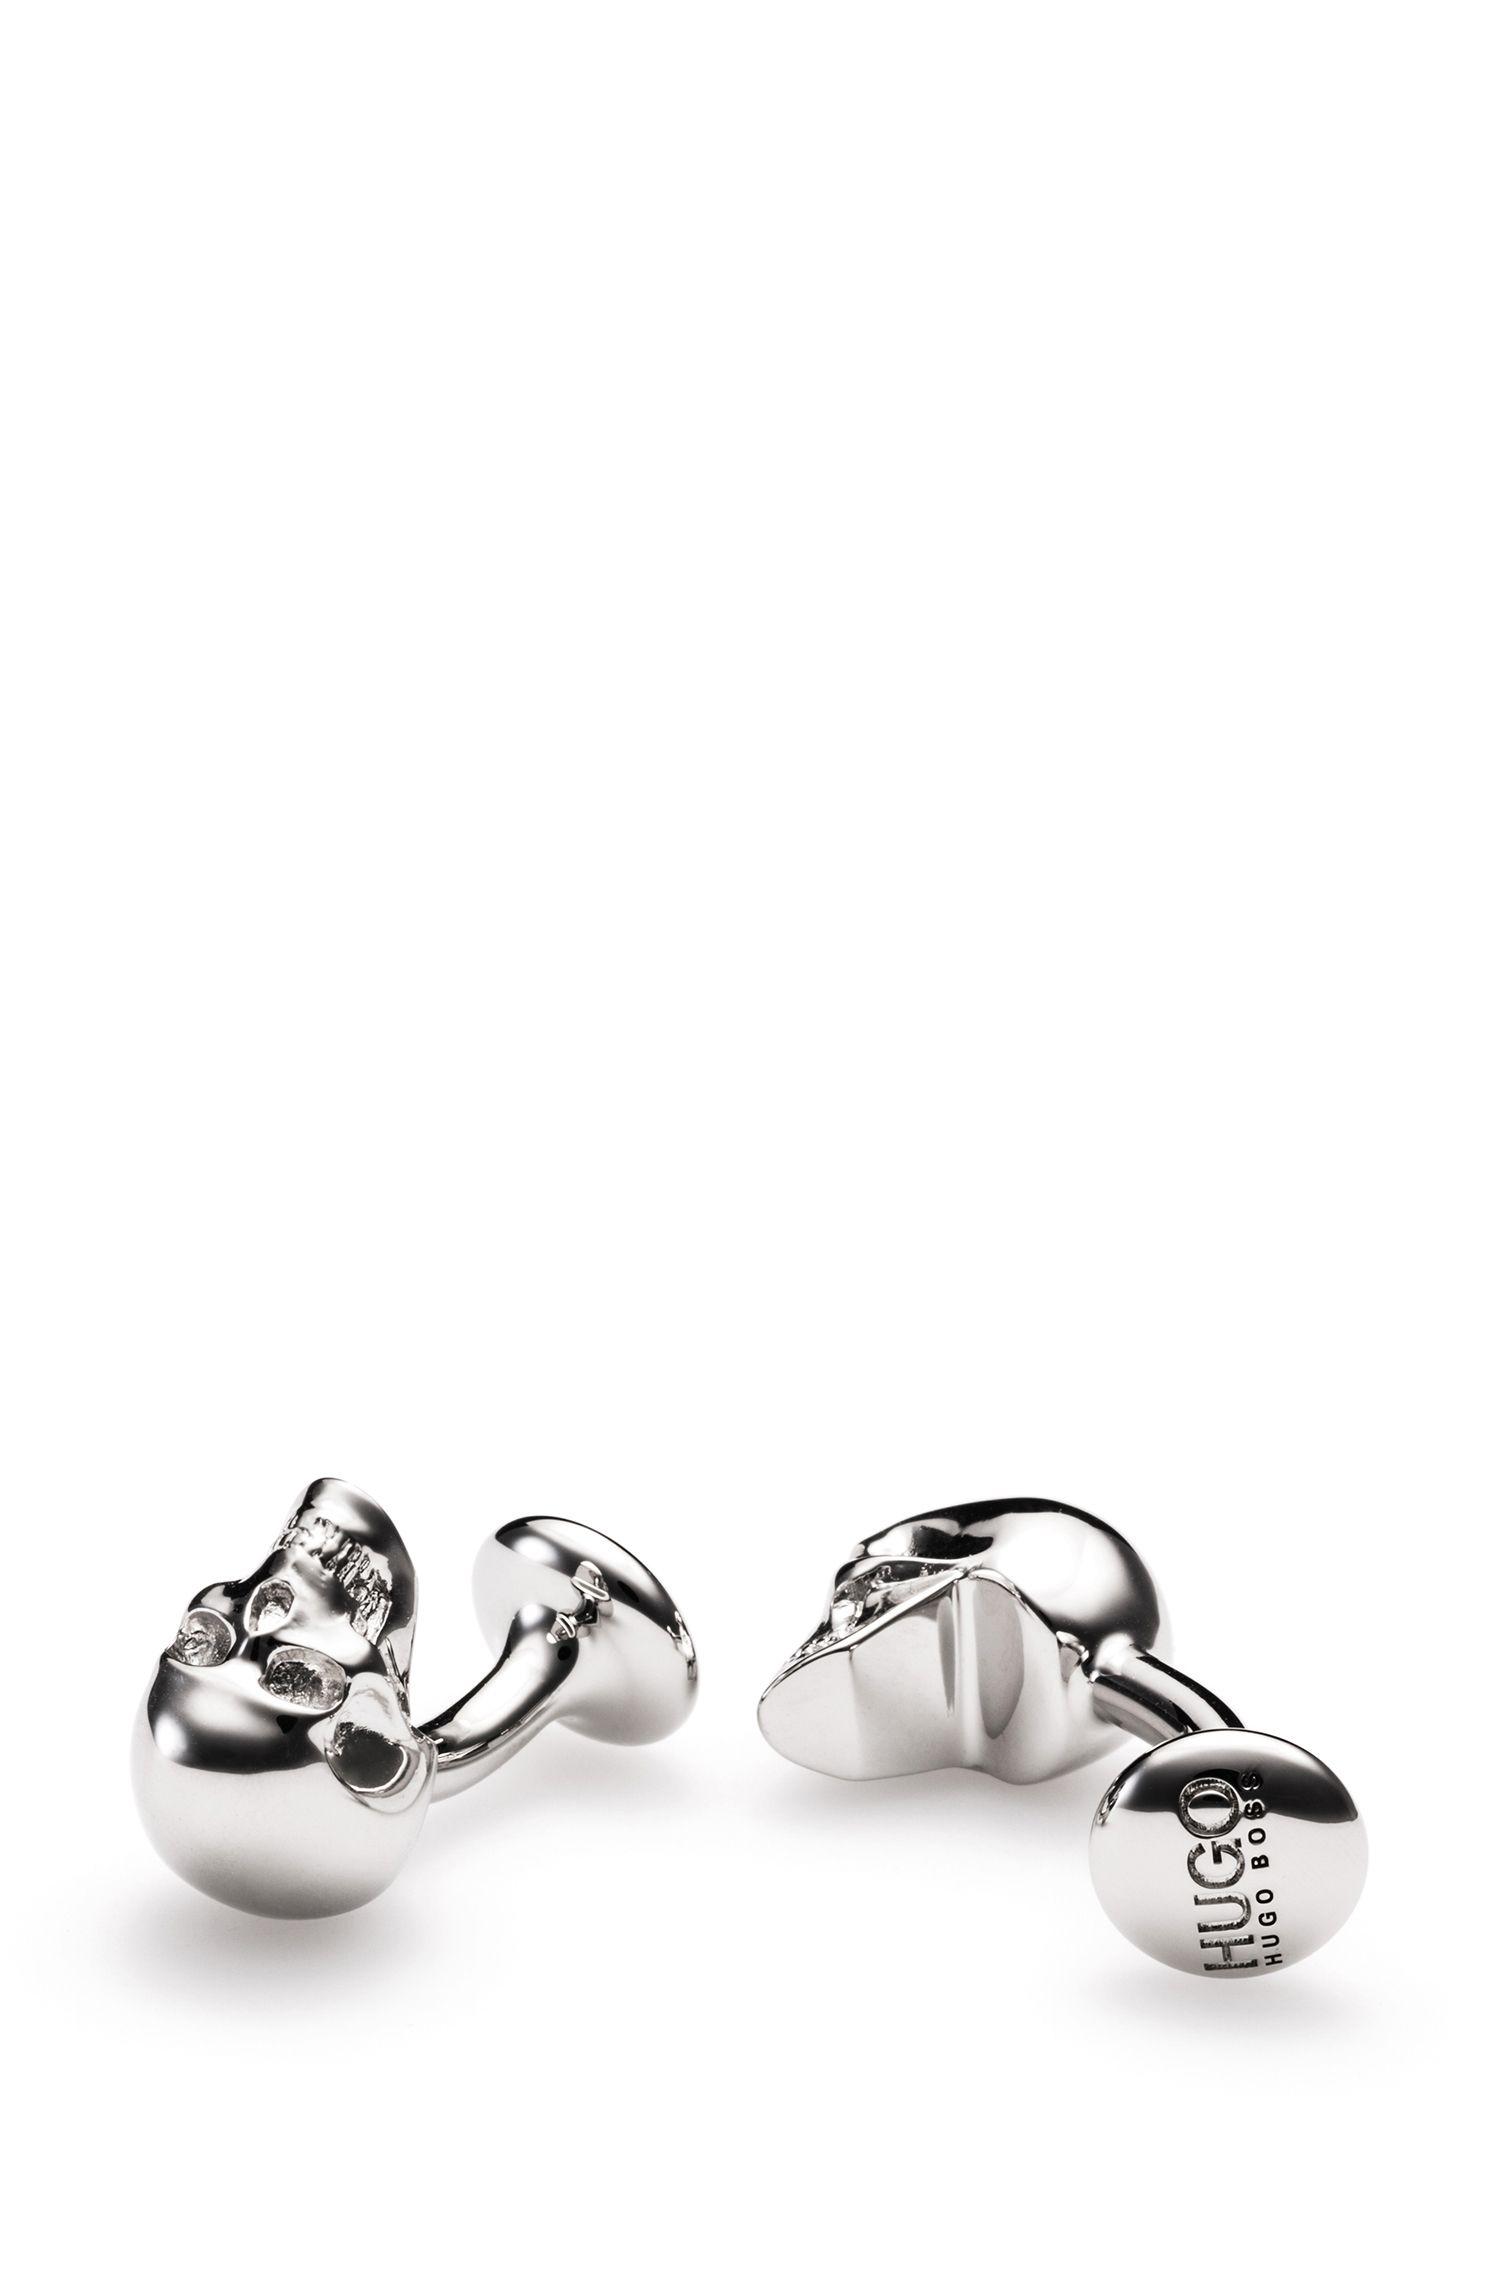 Skull Brass Cufflinks | E-Skull